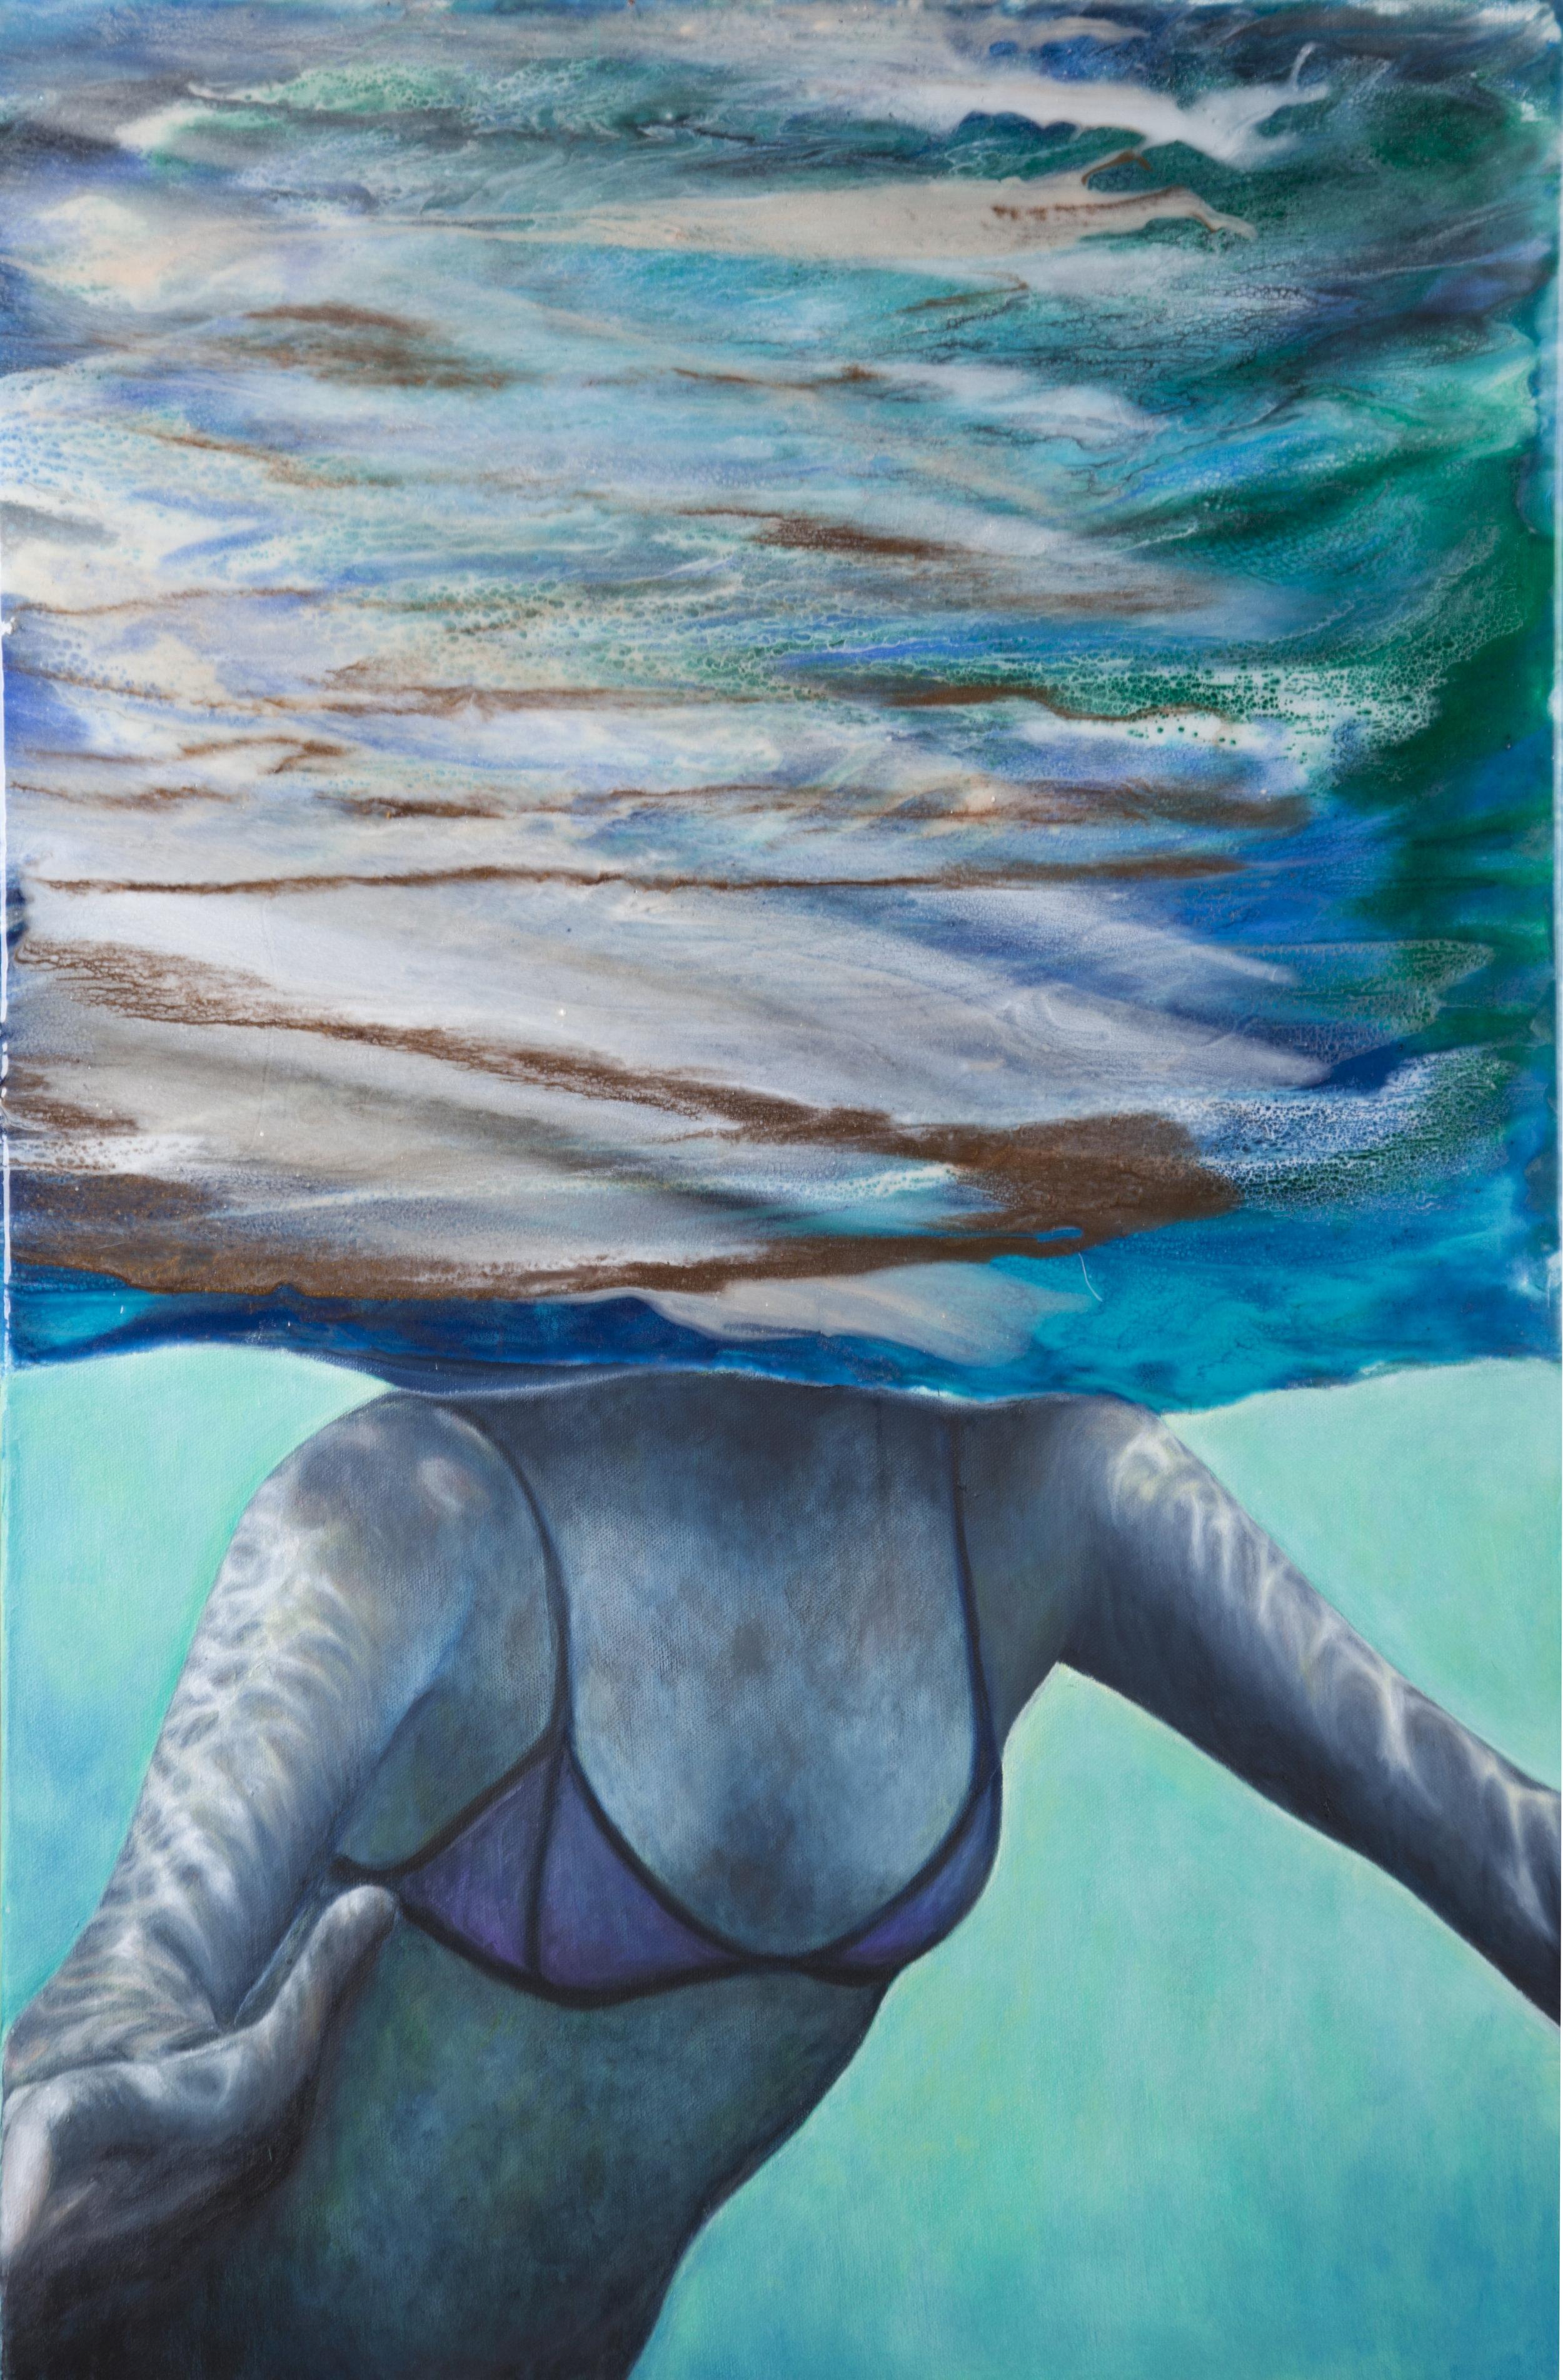 Underwater Ocean Series #5